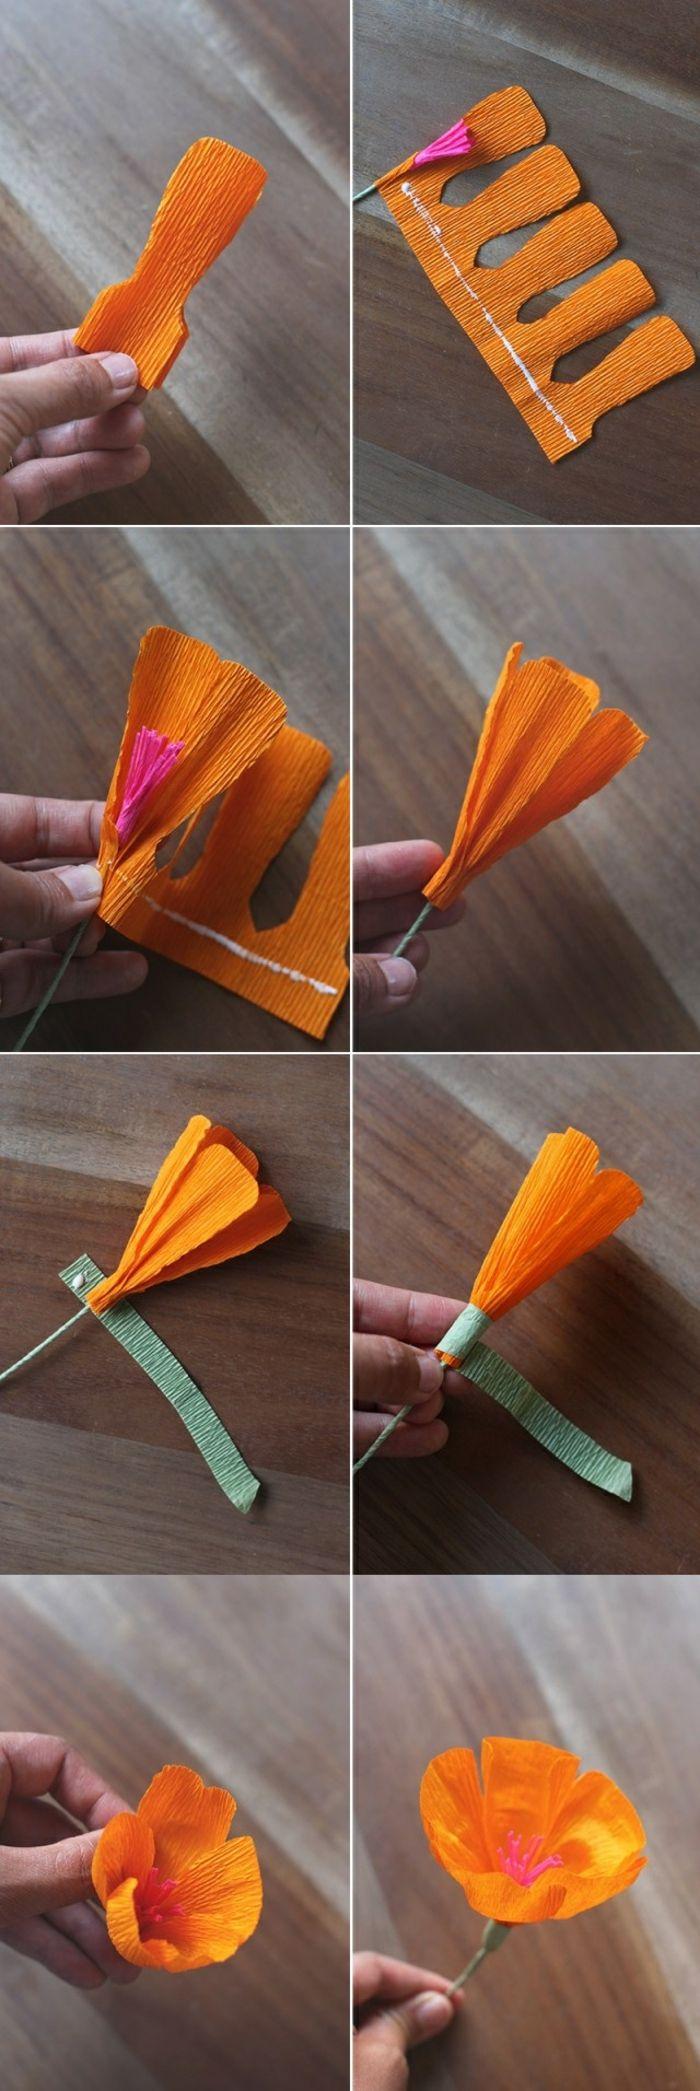 papierblumen basteln, oranges krepppapier, blumenbläter schneiden, diy blume